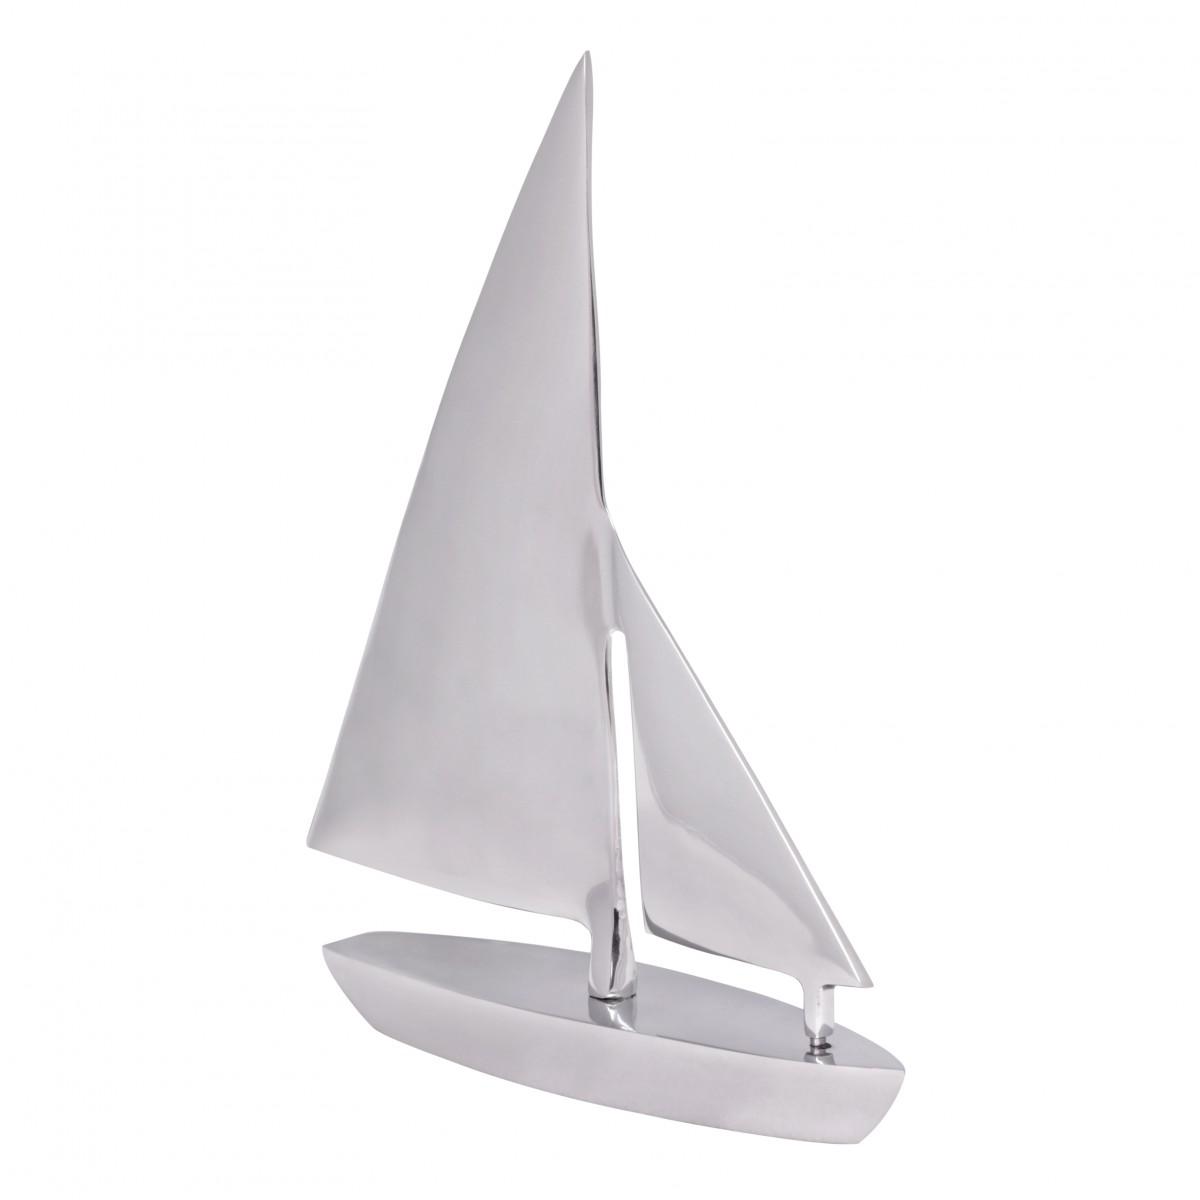 WOHNLING Deko Segelboot Aluminium Design Segelyacht Silber Wohndeko Klipper Esstisch-Dekoration Segelkutter modern